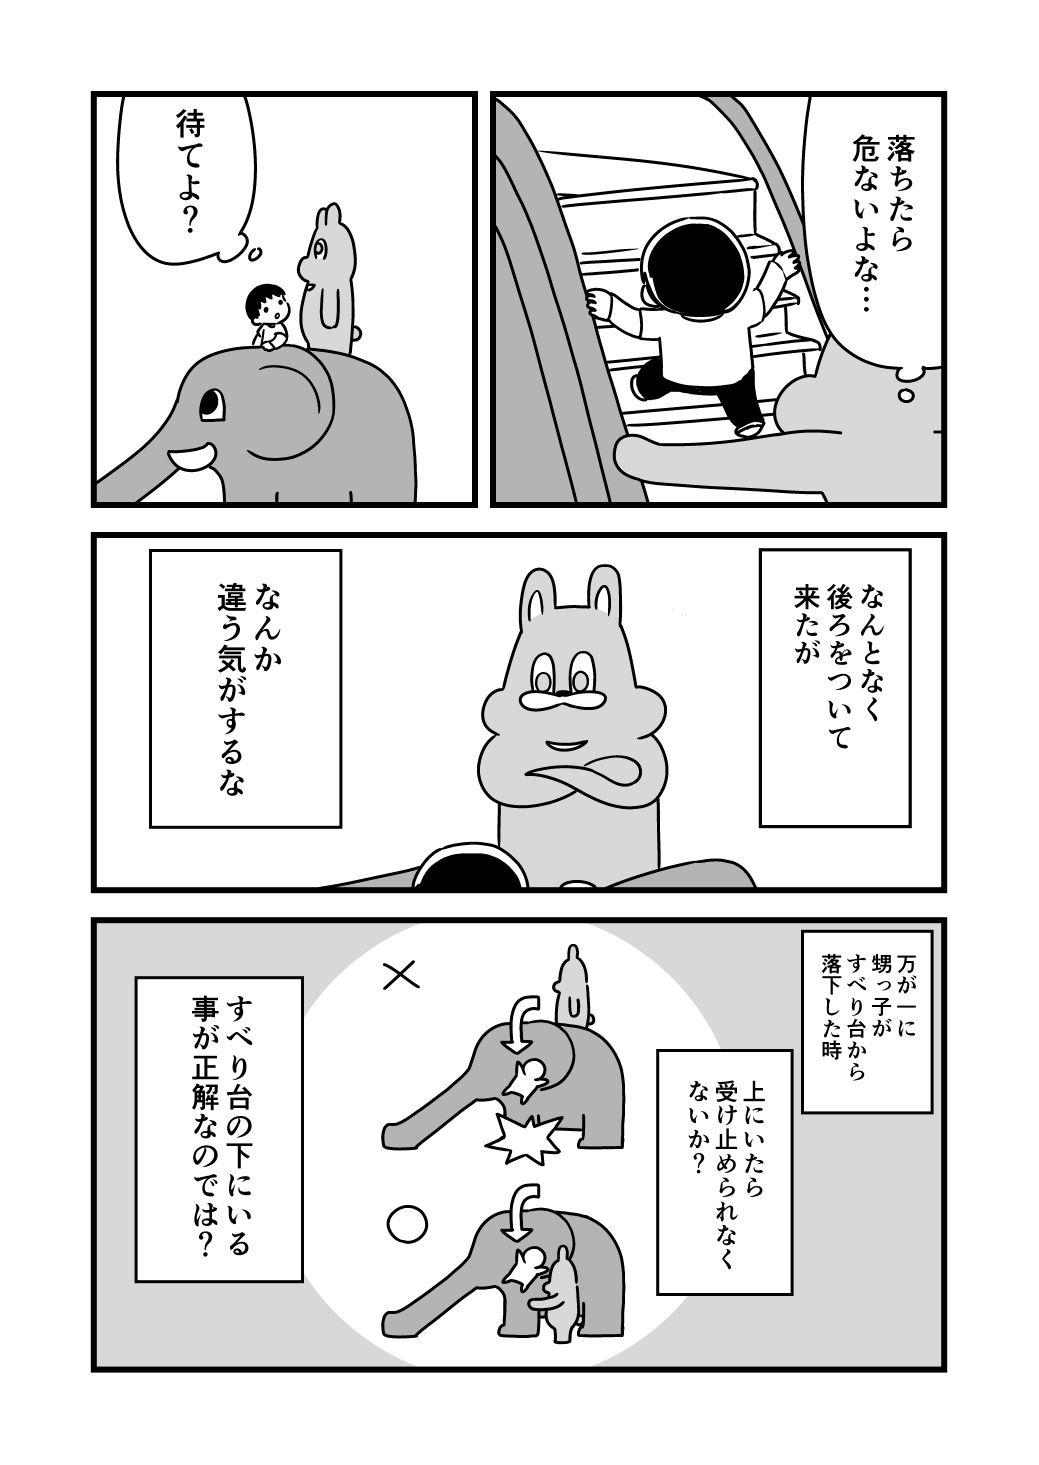 ふぁっ熊 On Twitter Fictional Characters Comics Make It Yourself